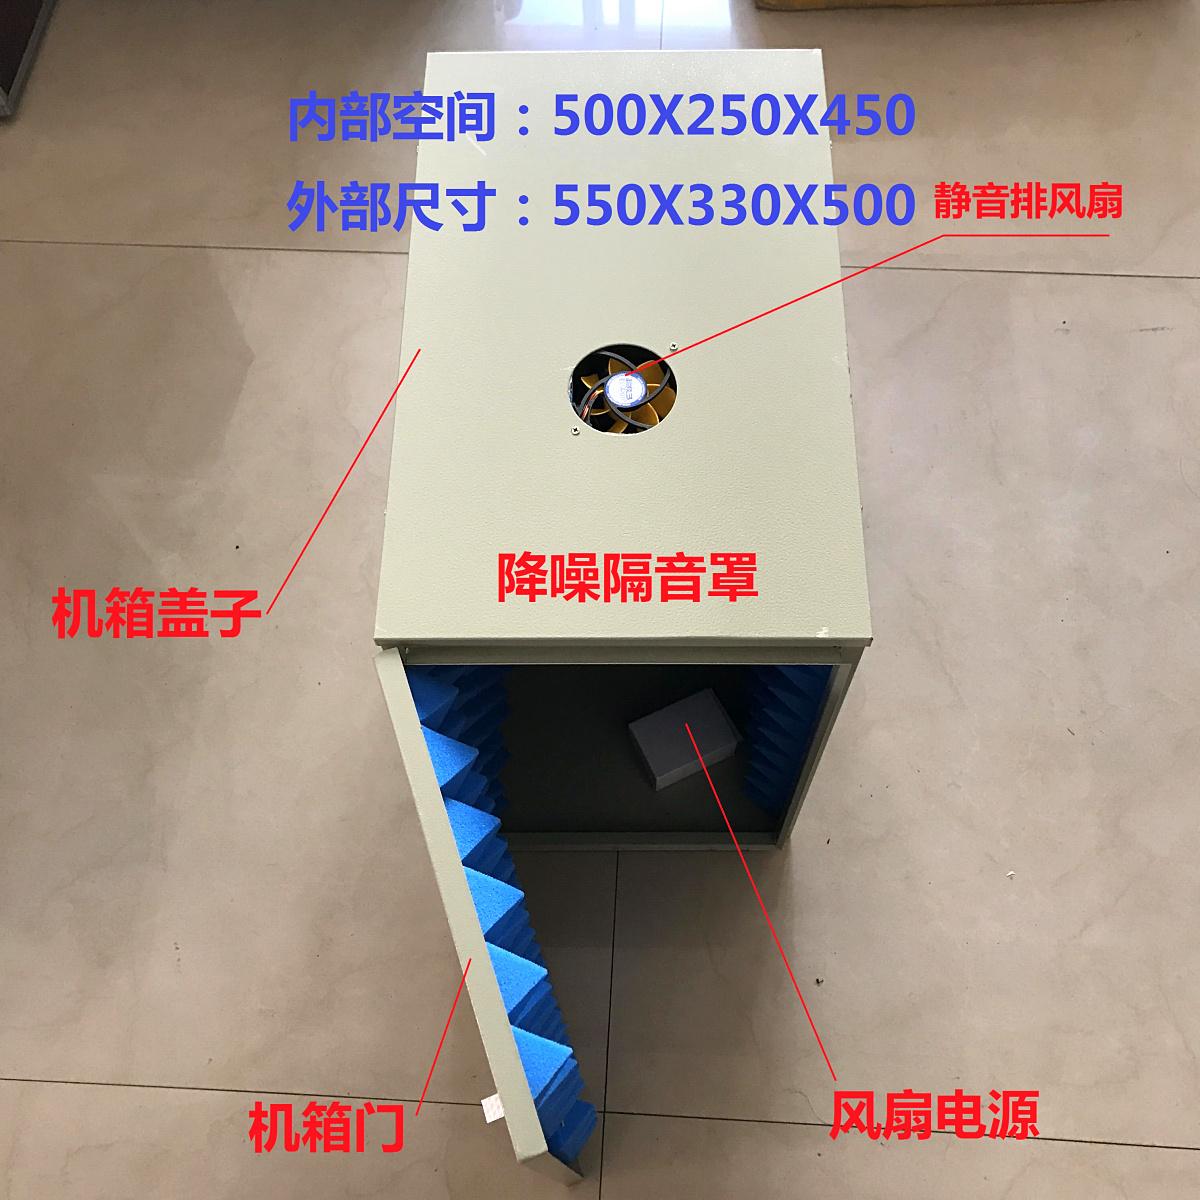 蓝星电脑机箱吸音棉 消音棉 静音棉 隔音棉主机降噪GYZ-250防辐射